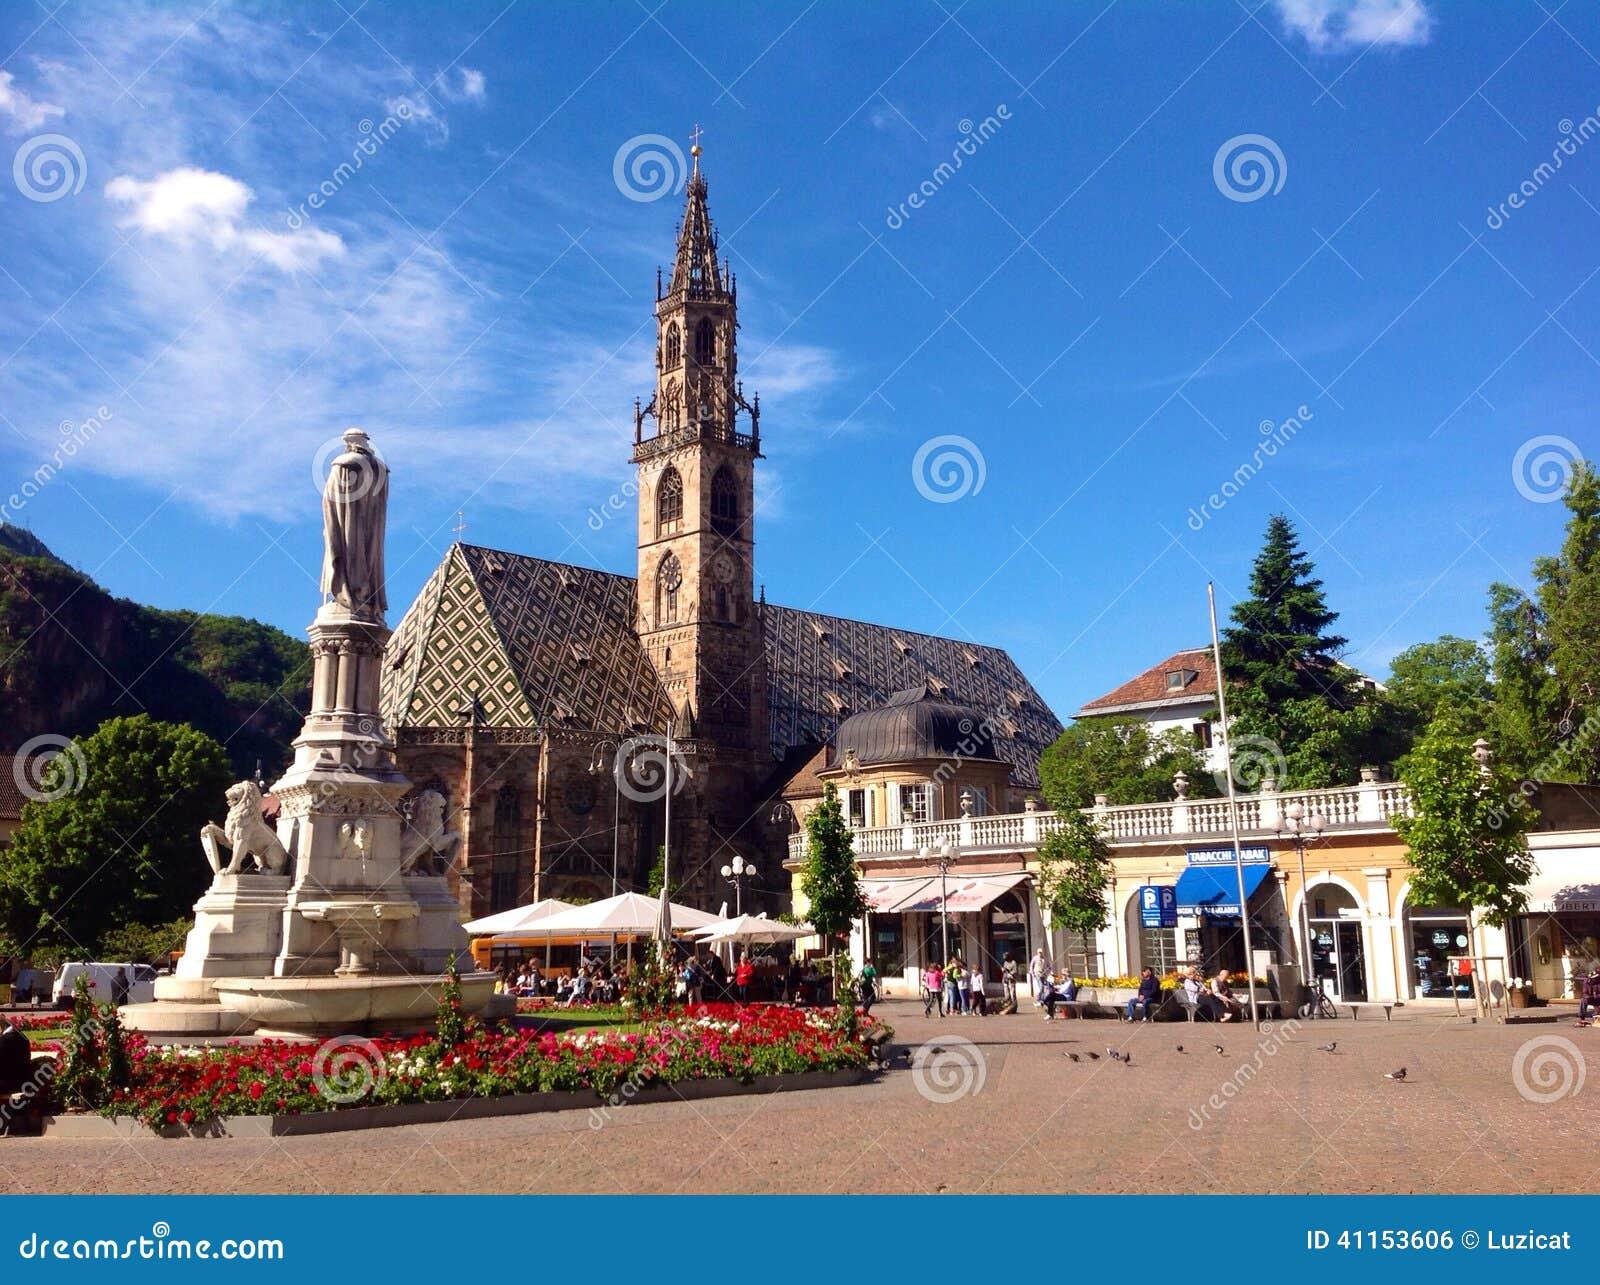 Walther Square in Bolzano